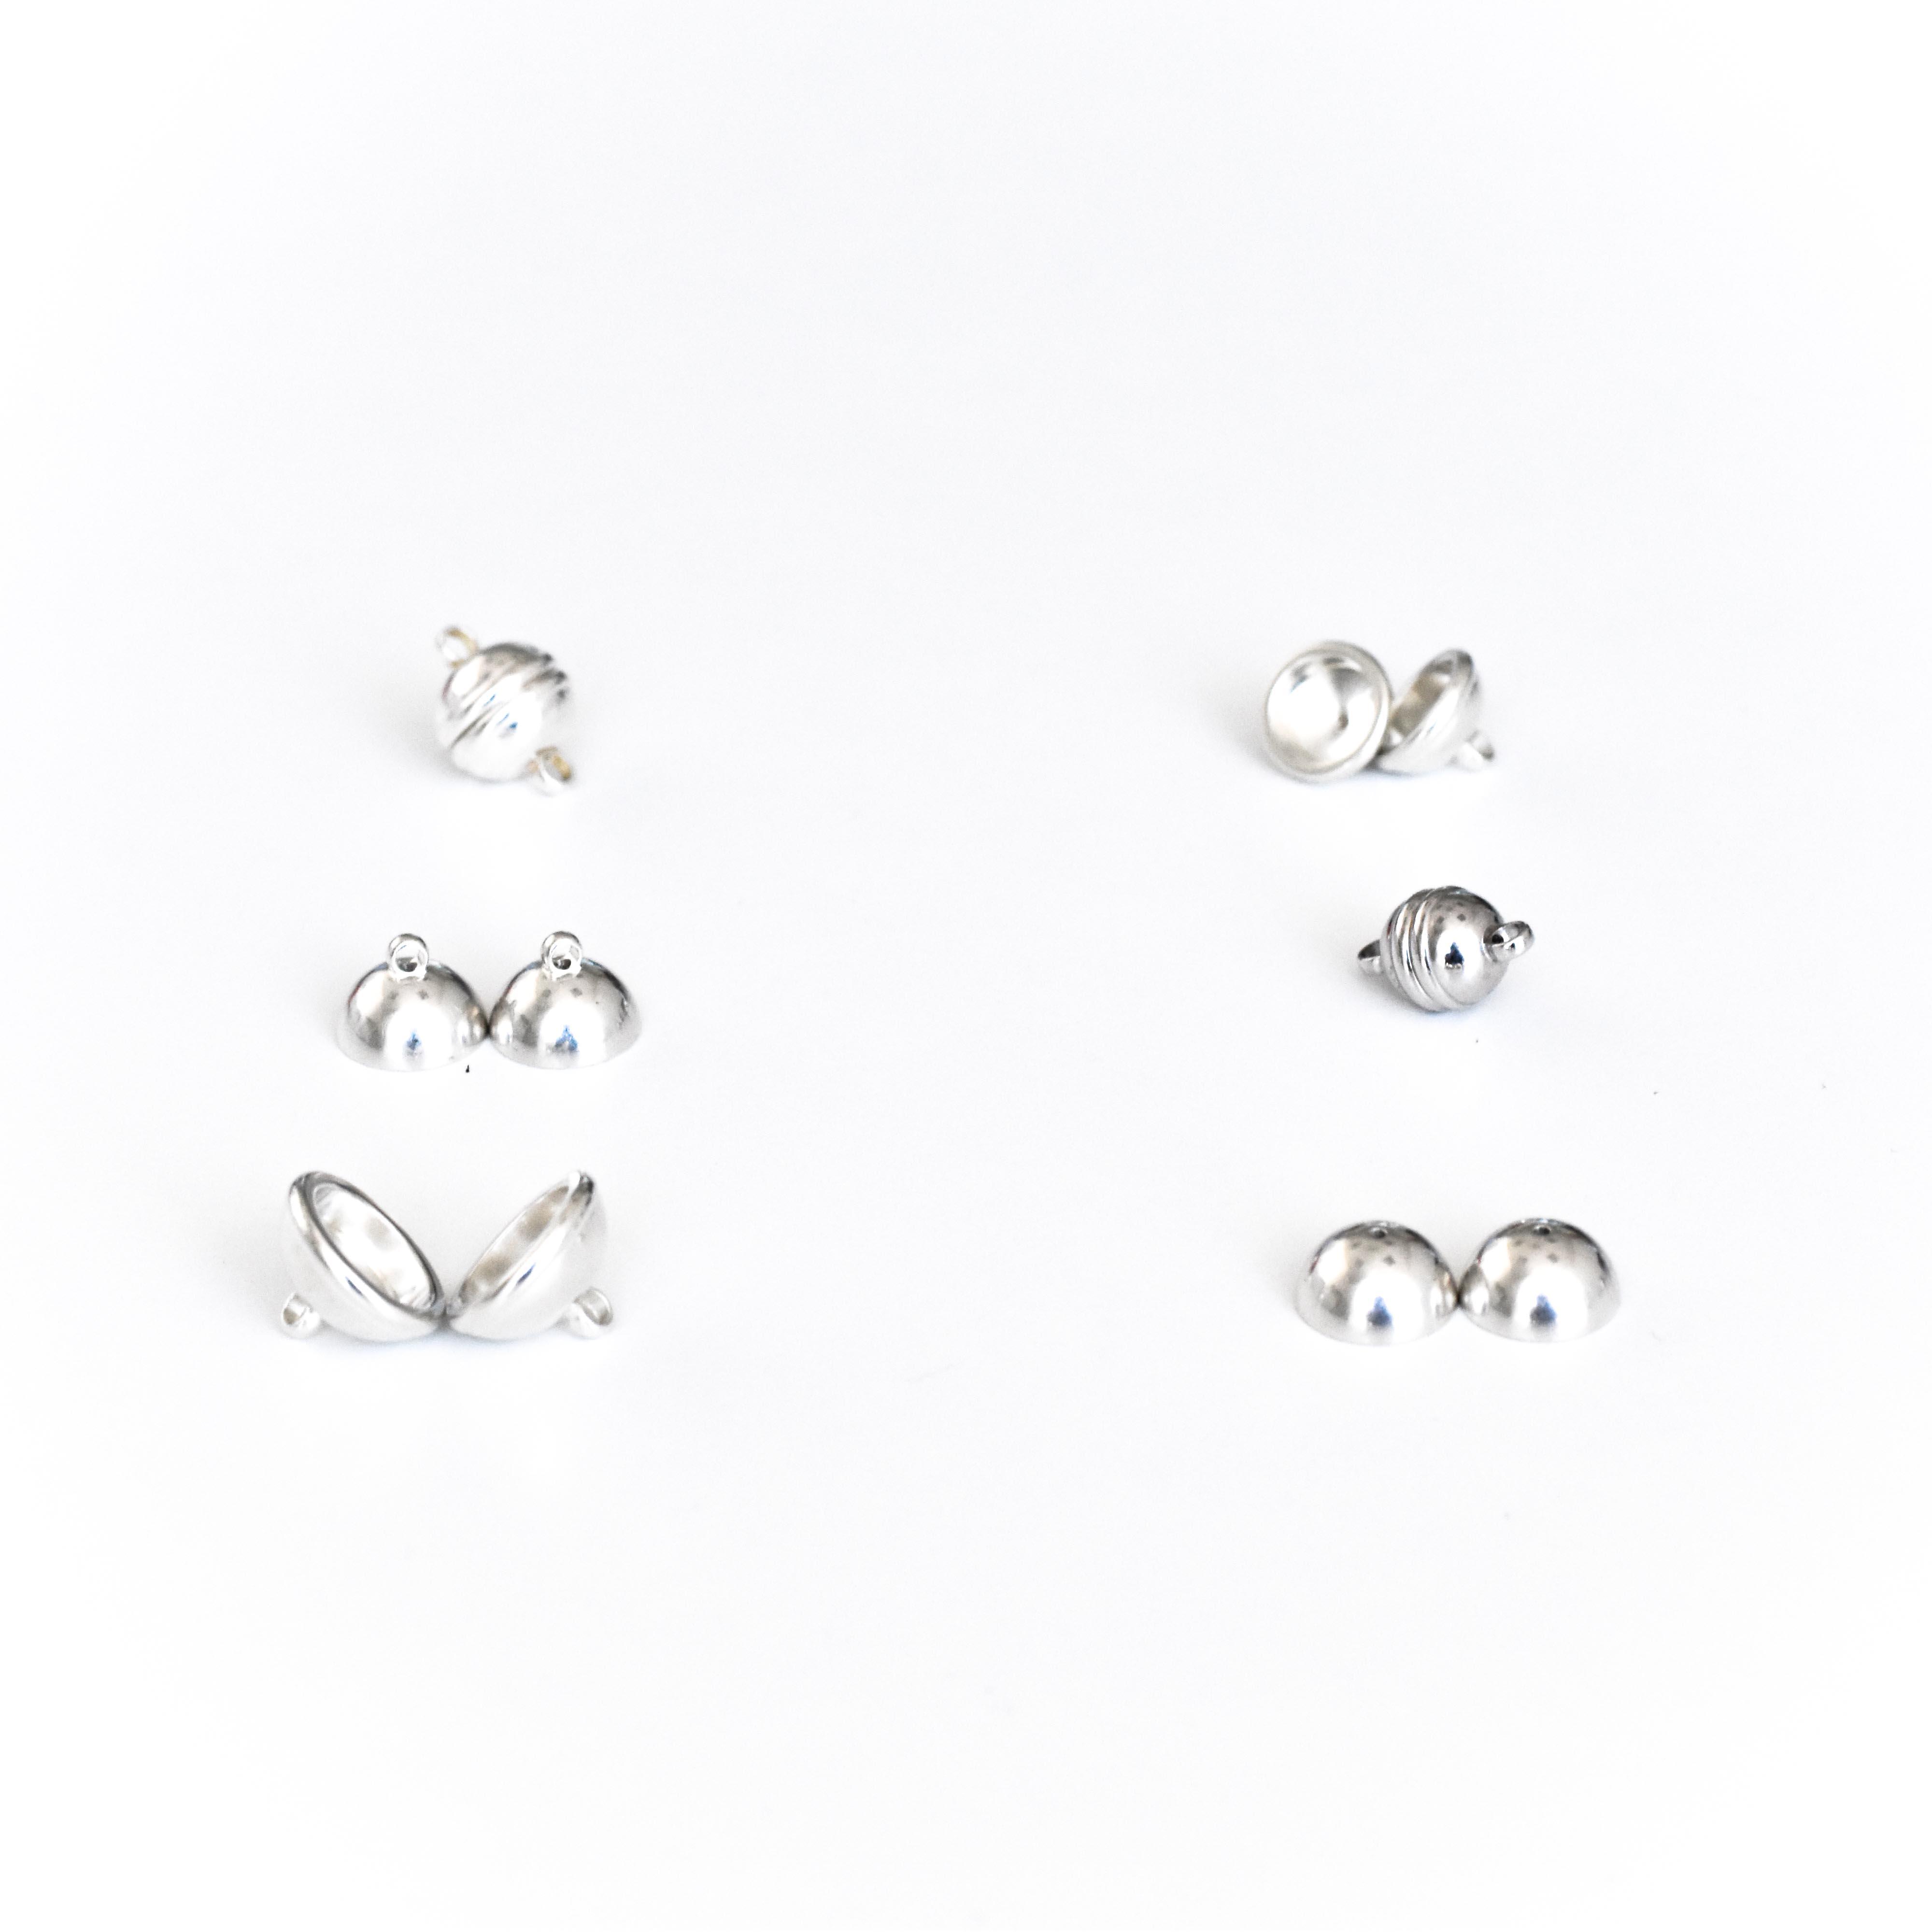 Componenti per chiusure magnetiche  in argento